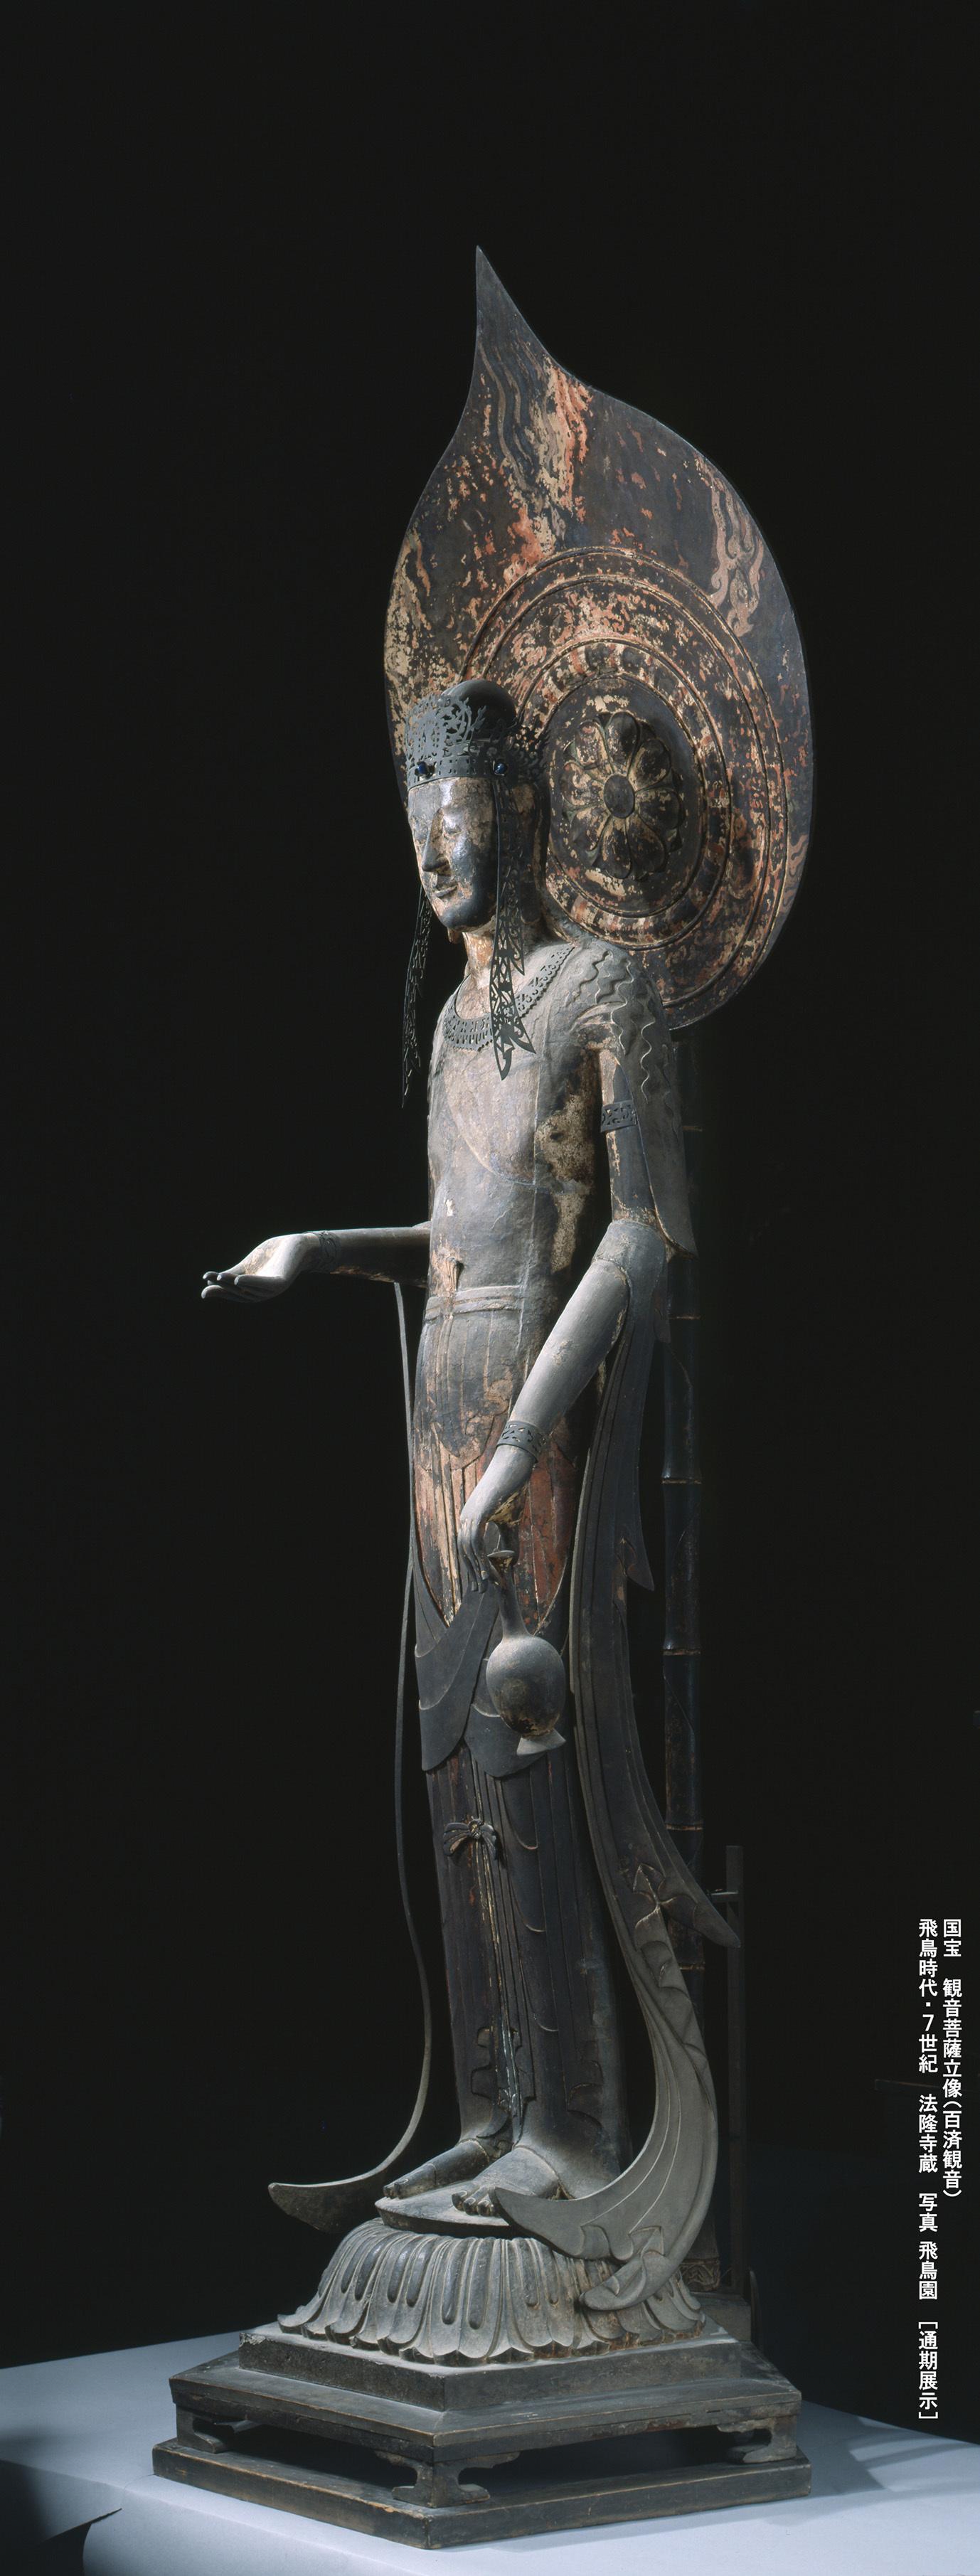 国宝 観音菩薩立像(百済観音) 飛鳥時代・7世紀 法隆寺蔵 通期 写真飛鳥園